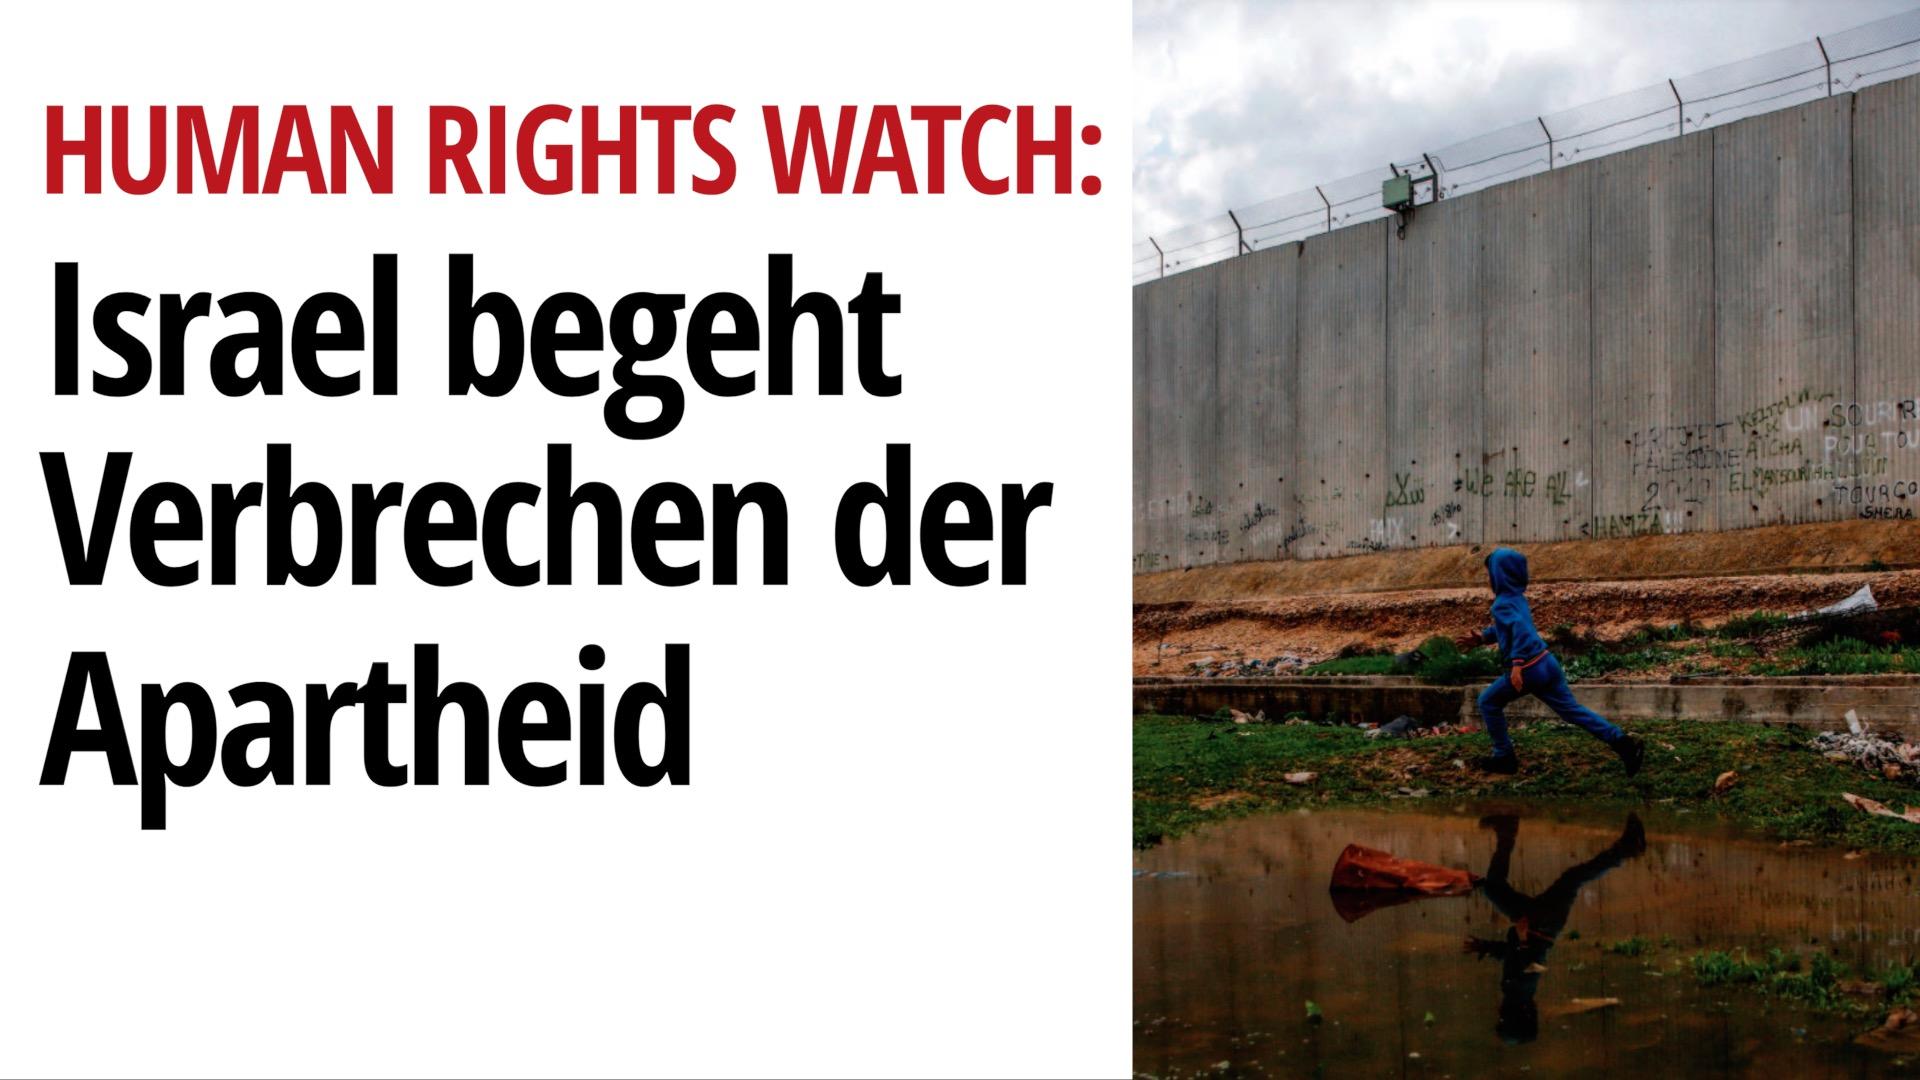 Israel begeht Verbrechen der Apartheid | Interview mit Human Rights Watch